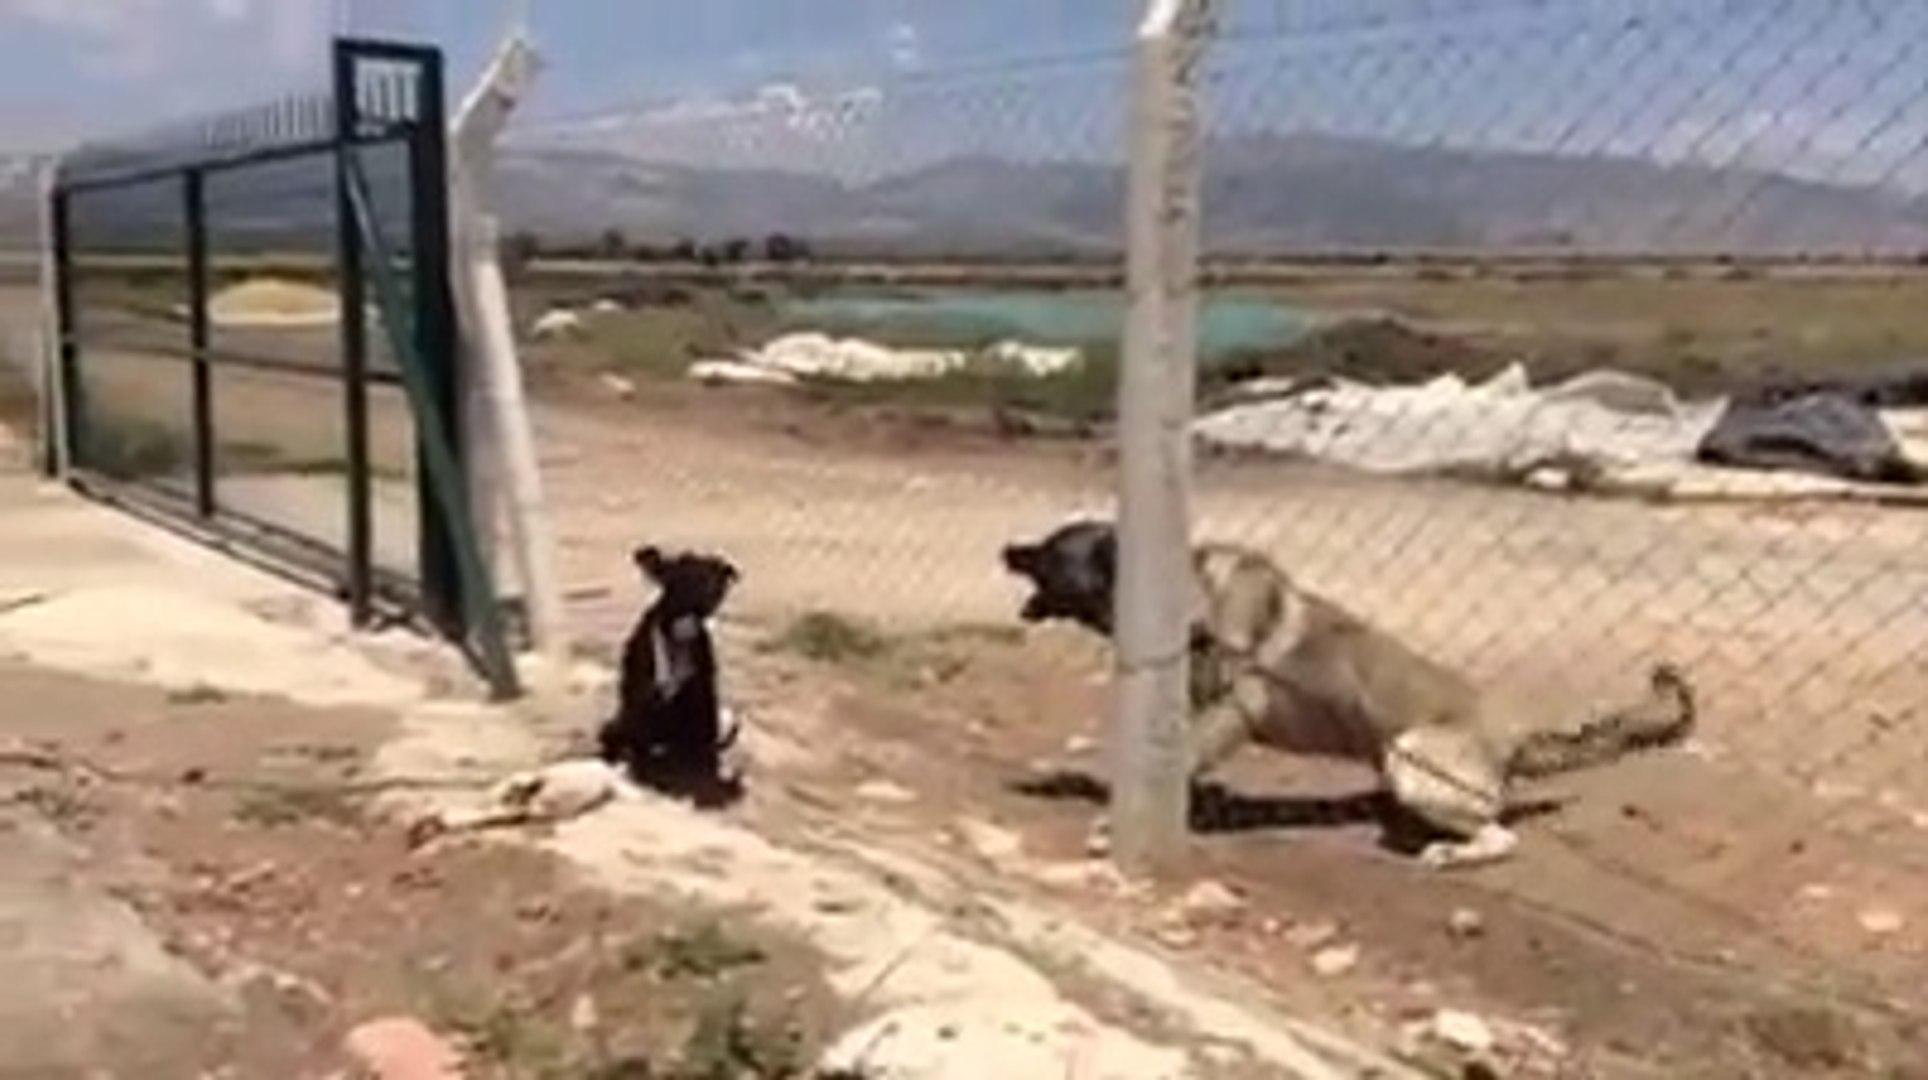 PiTBULL ve COBAN KOPEGi ATISMASI - PiTBULL DOG VS ANATOLiAN SHEPHERD DOG